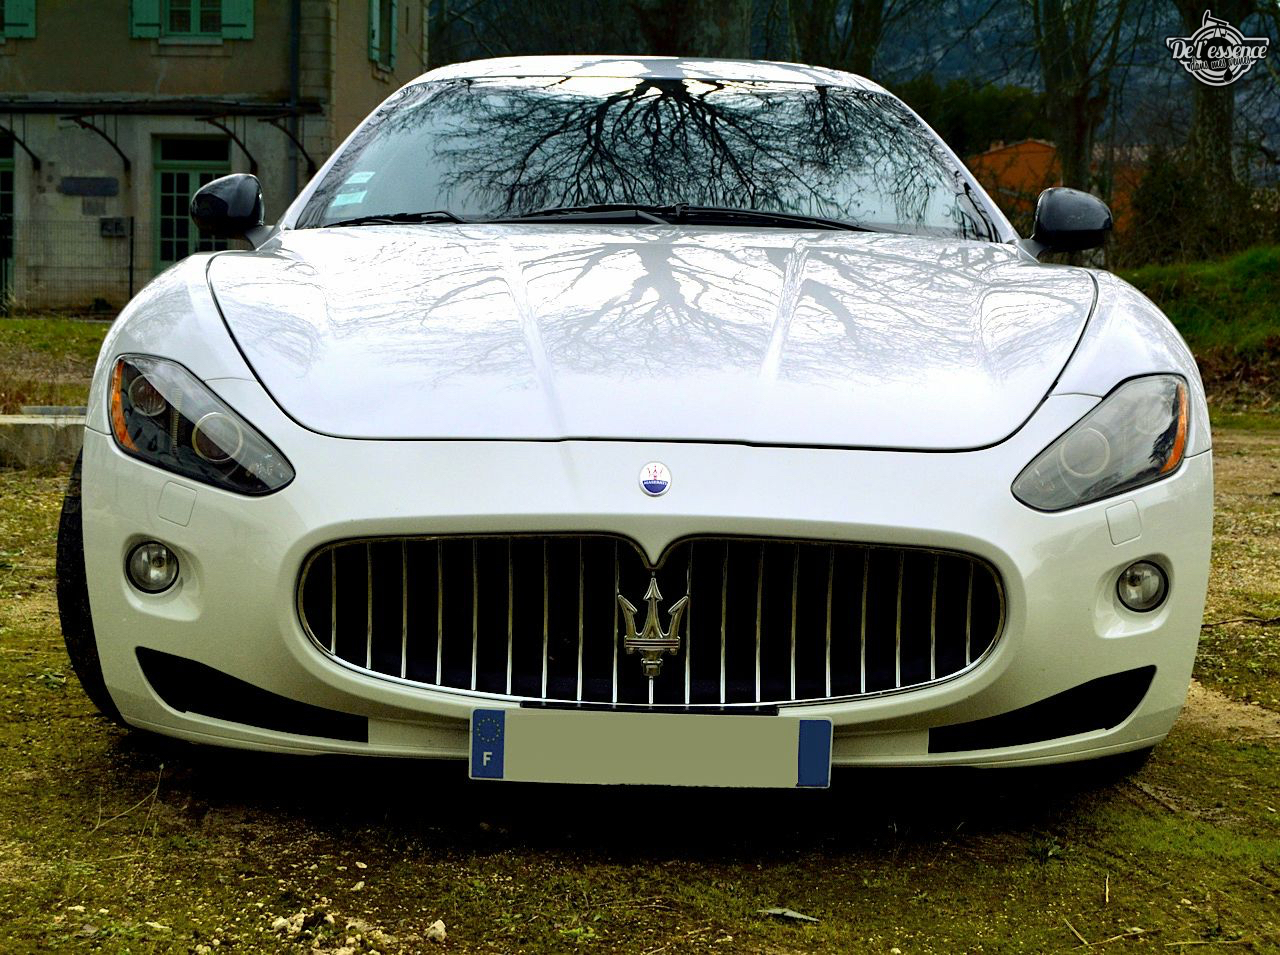 Maserati Granturismo S - Le chant des sirènes ! 9